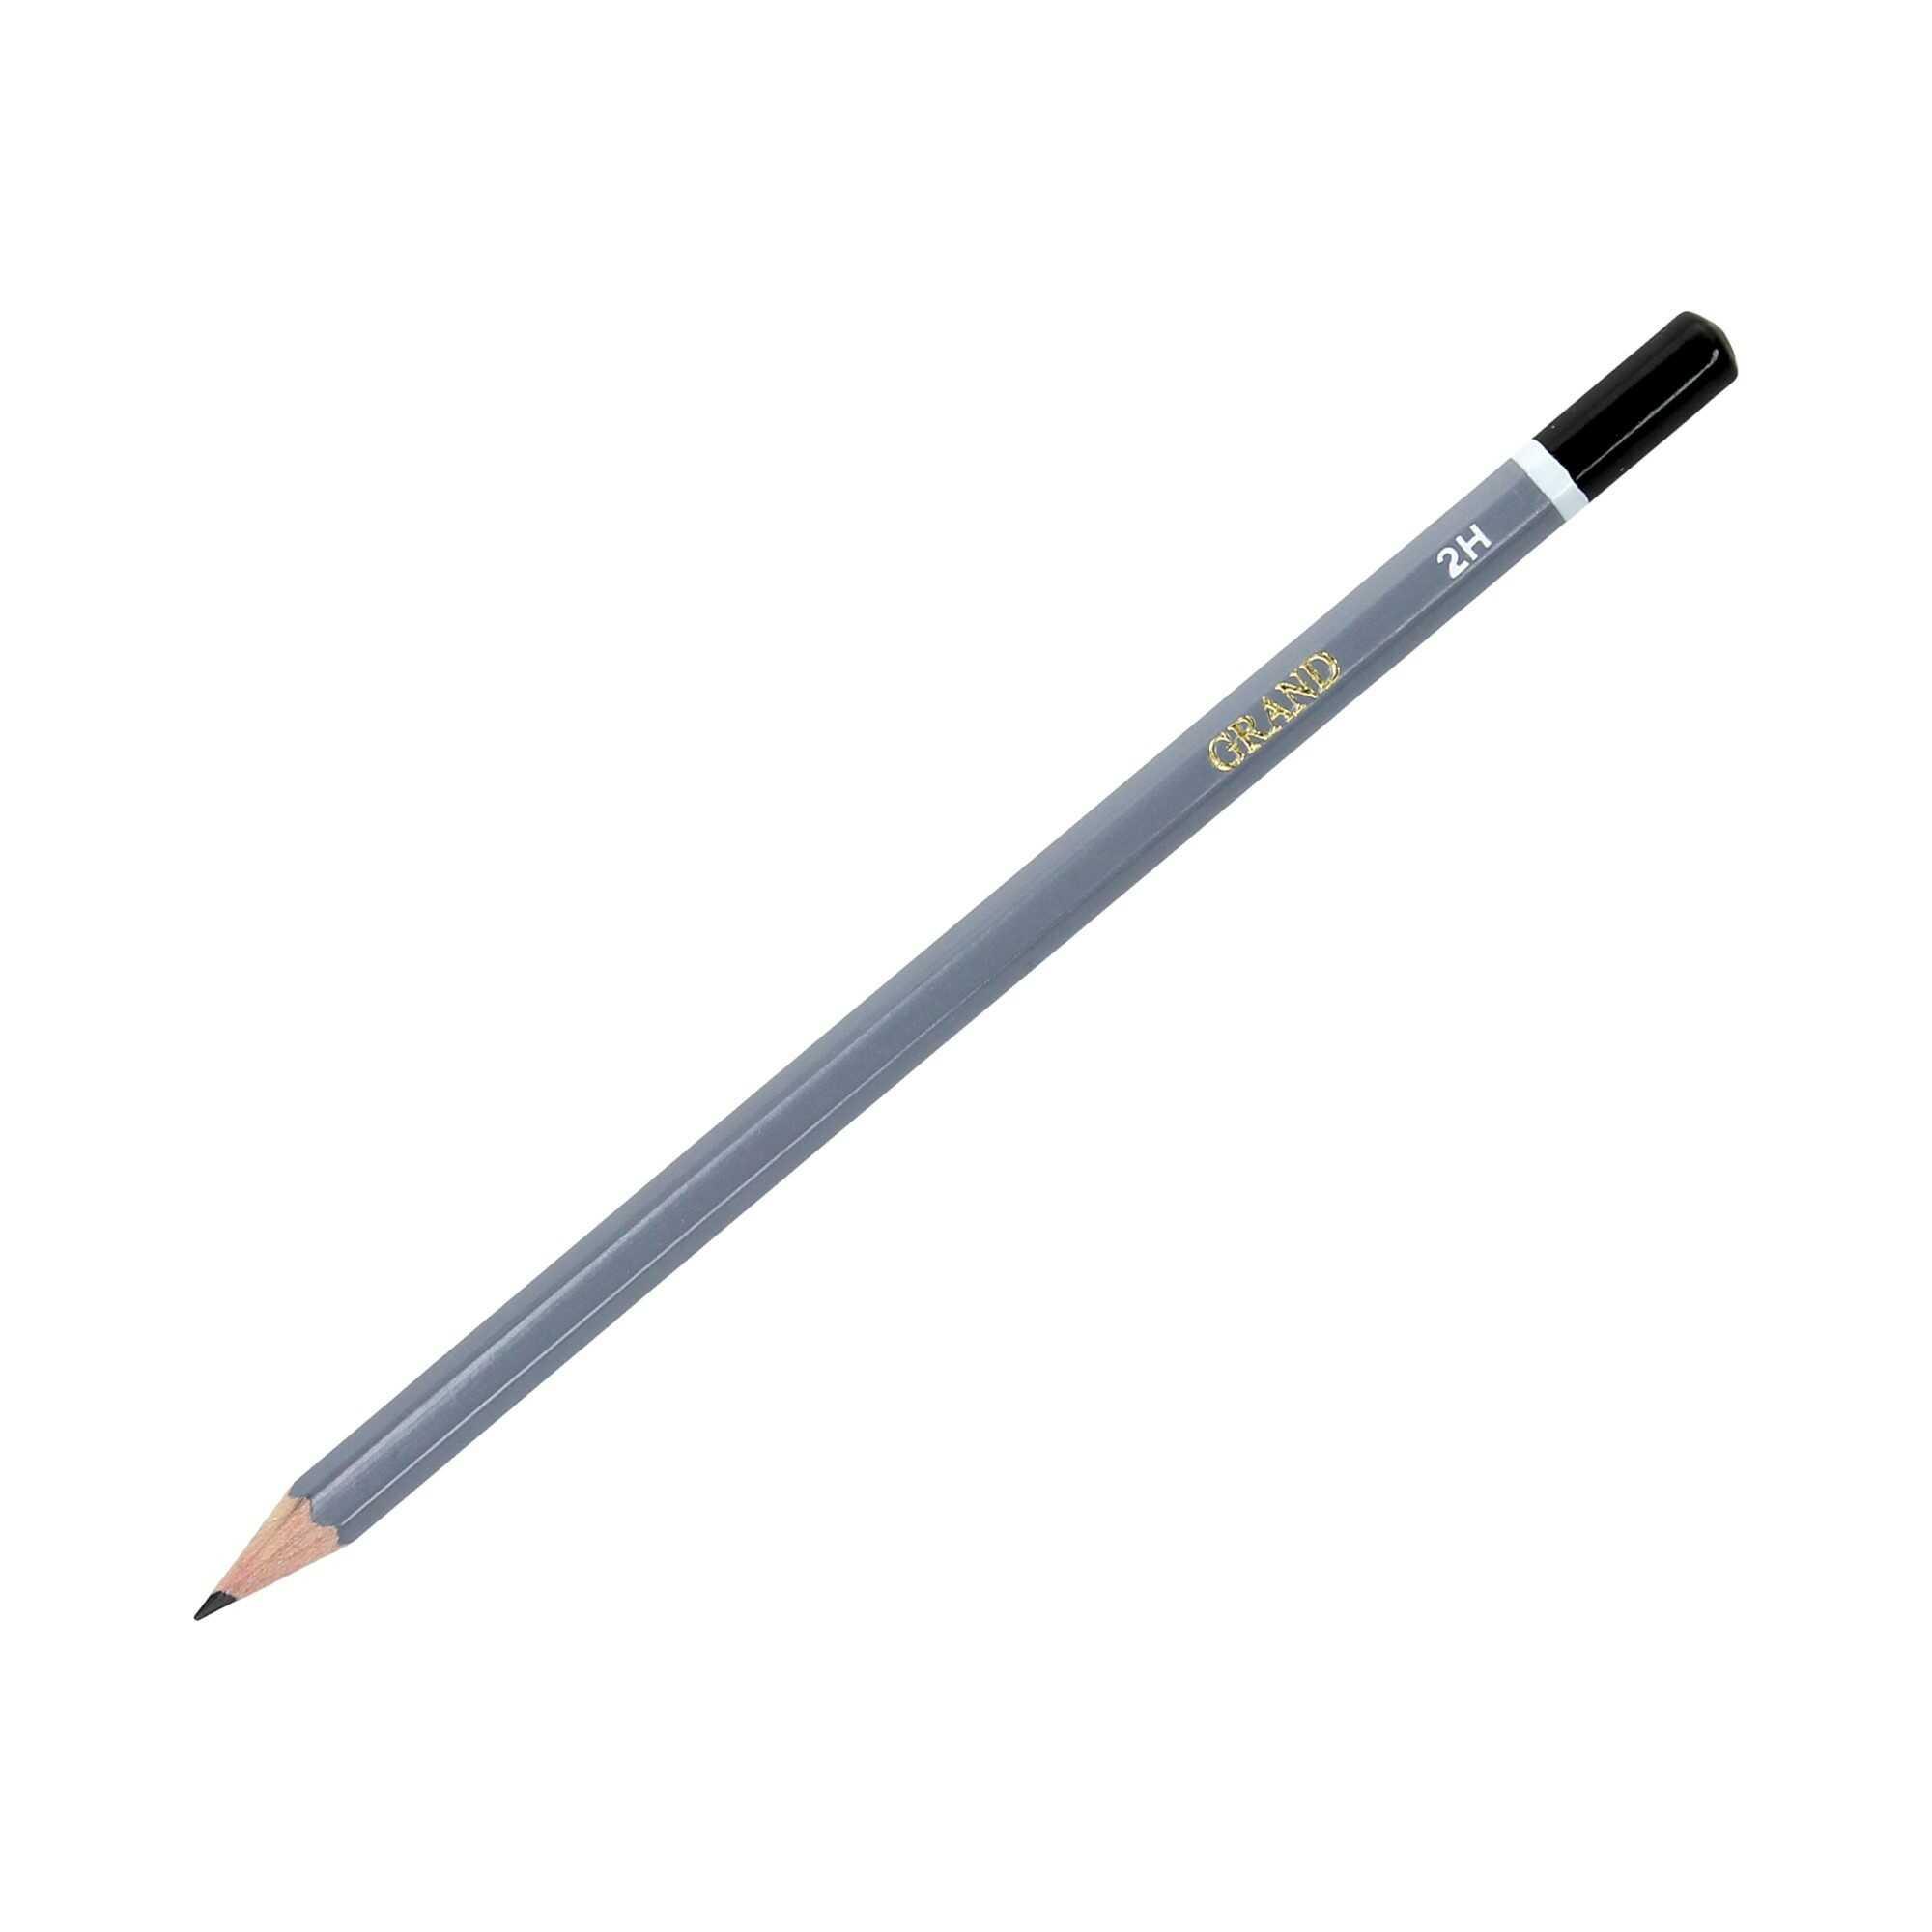 Ołówek techniczny 2H b/g Grand